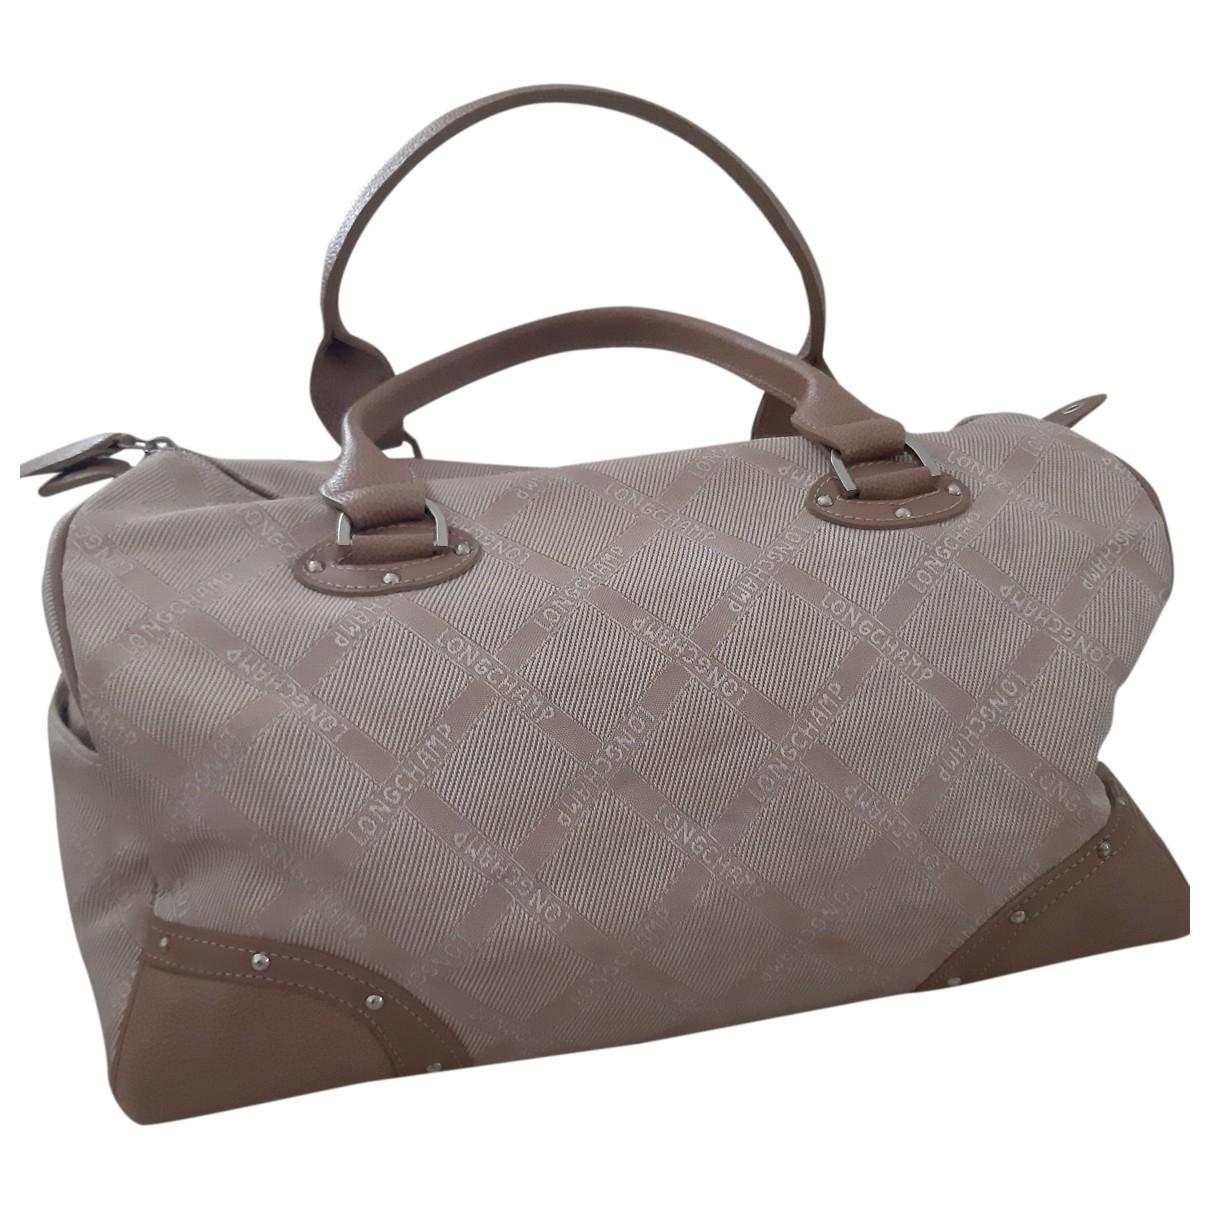 Longchamp \N Handtasche in  Beige Leder